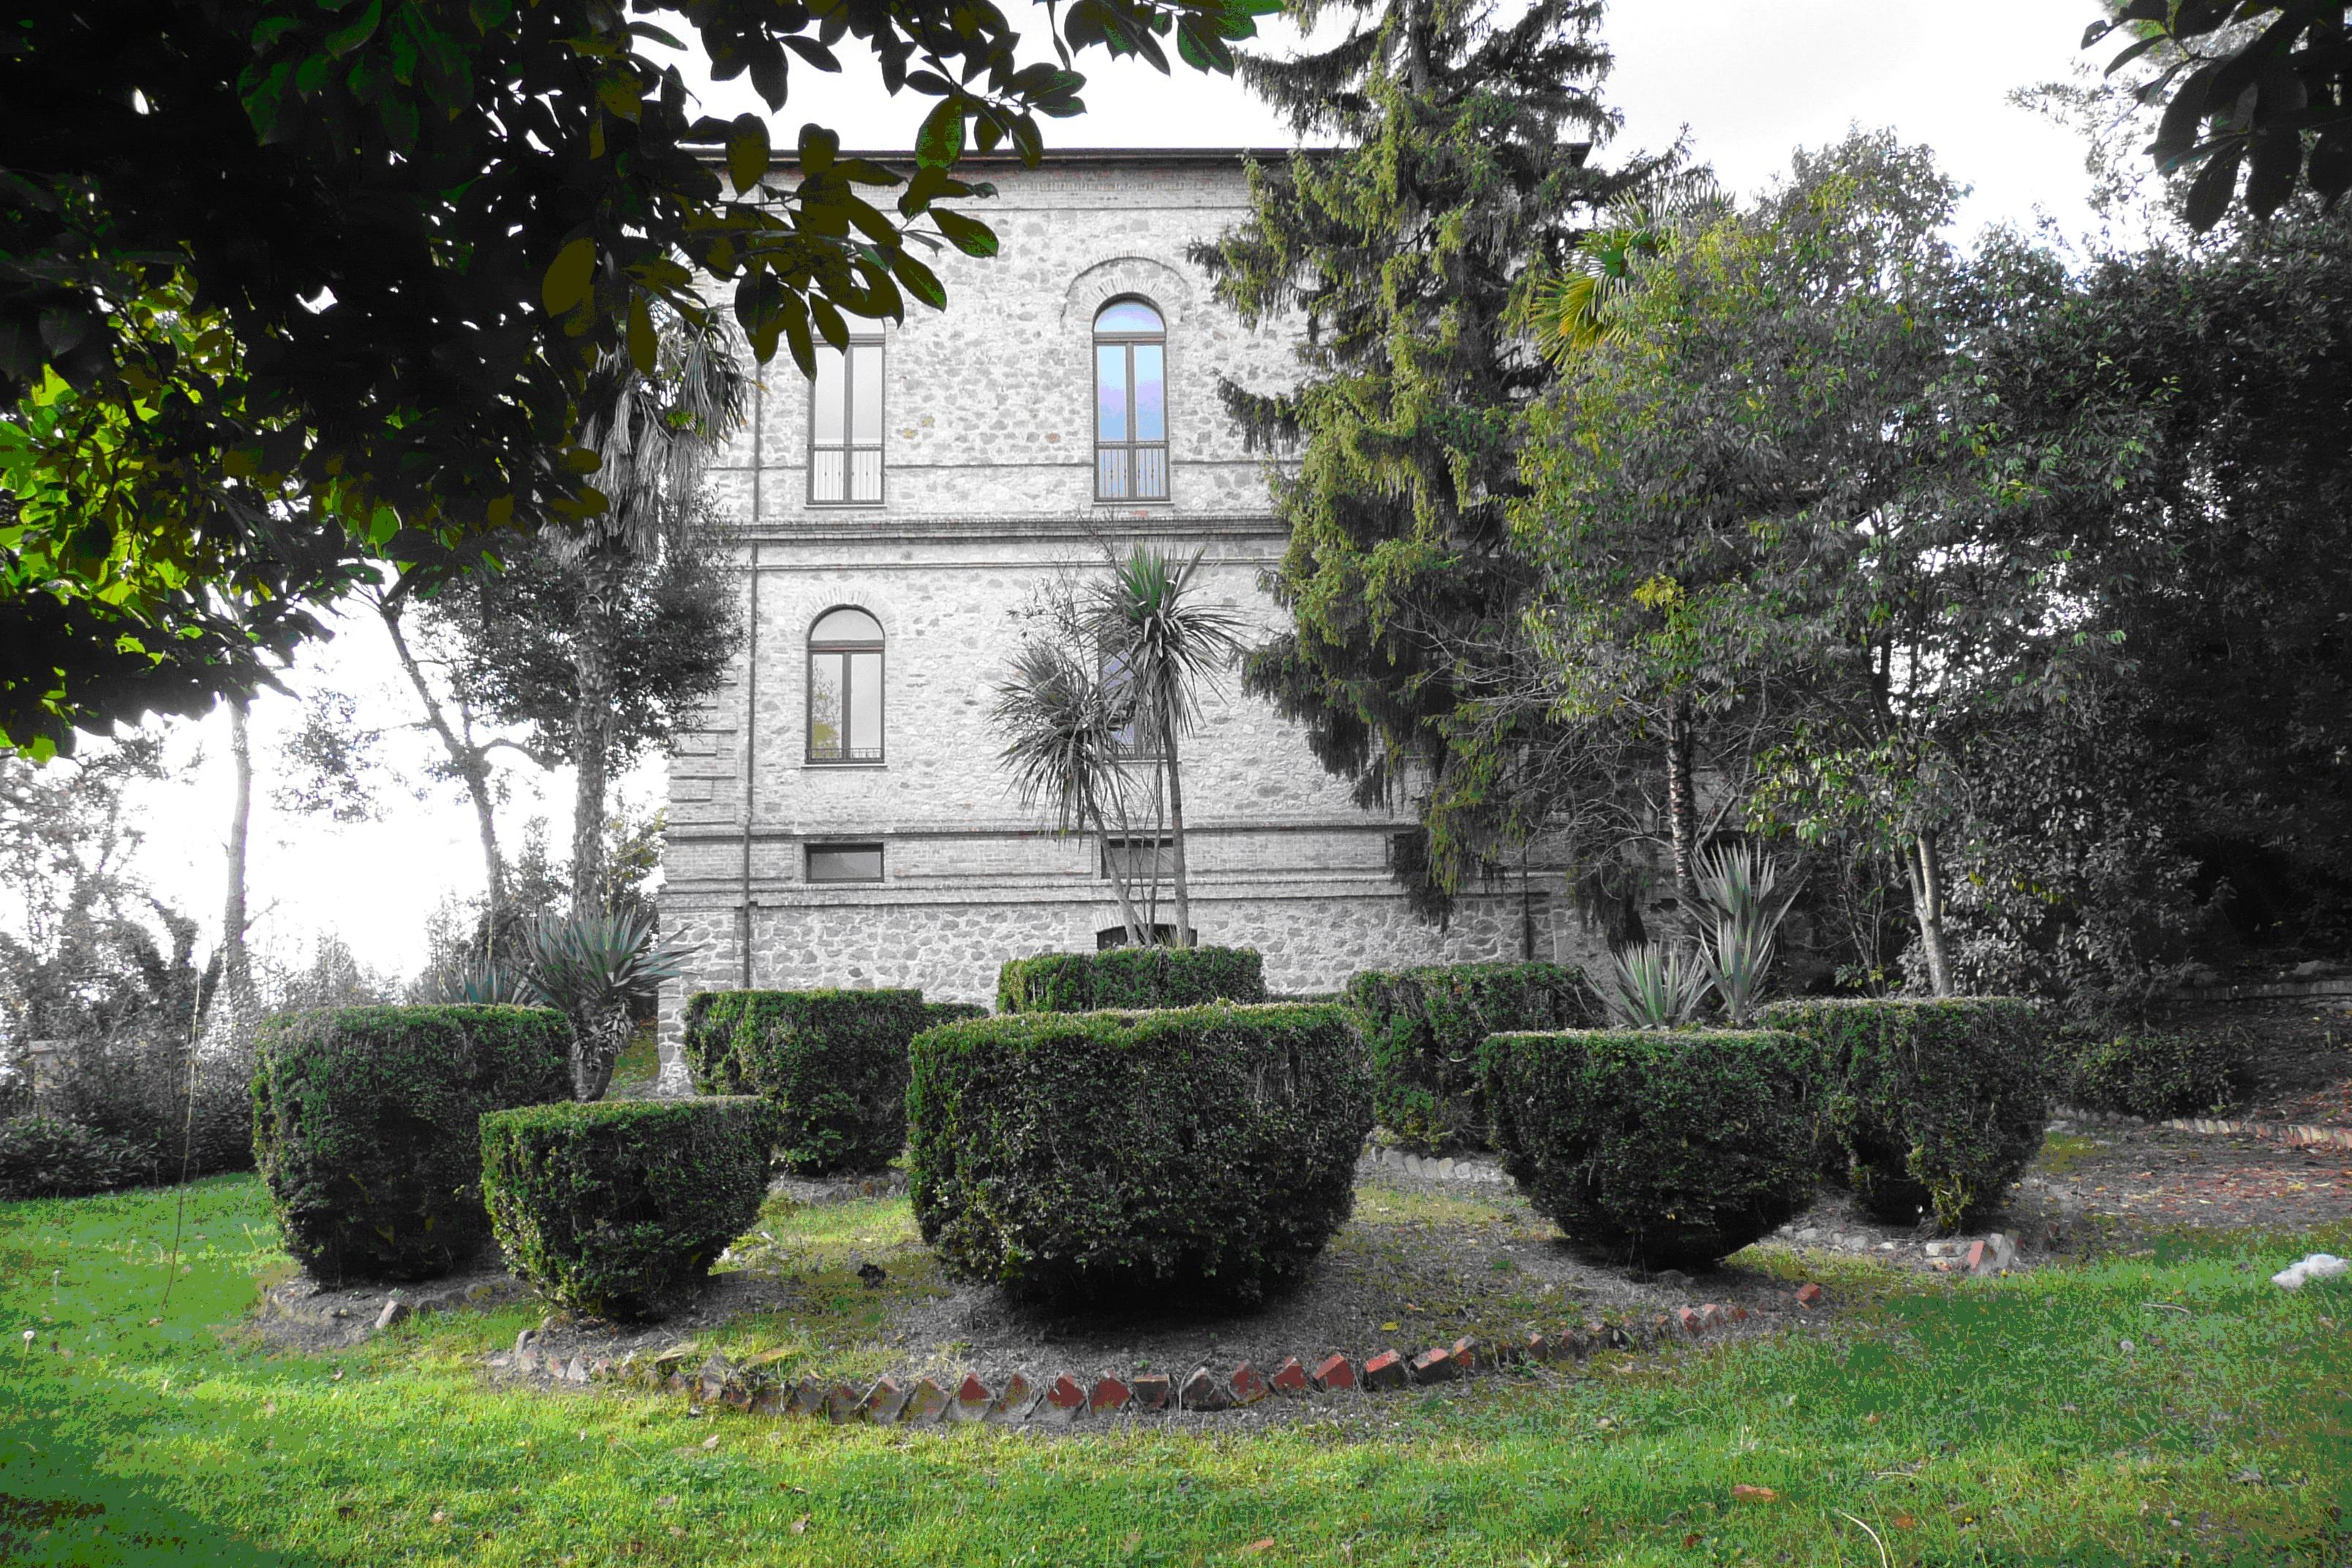 Torricella, Villa Capuani-Celommi diventerà un museo